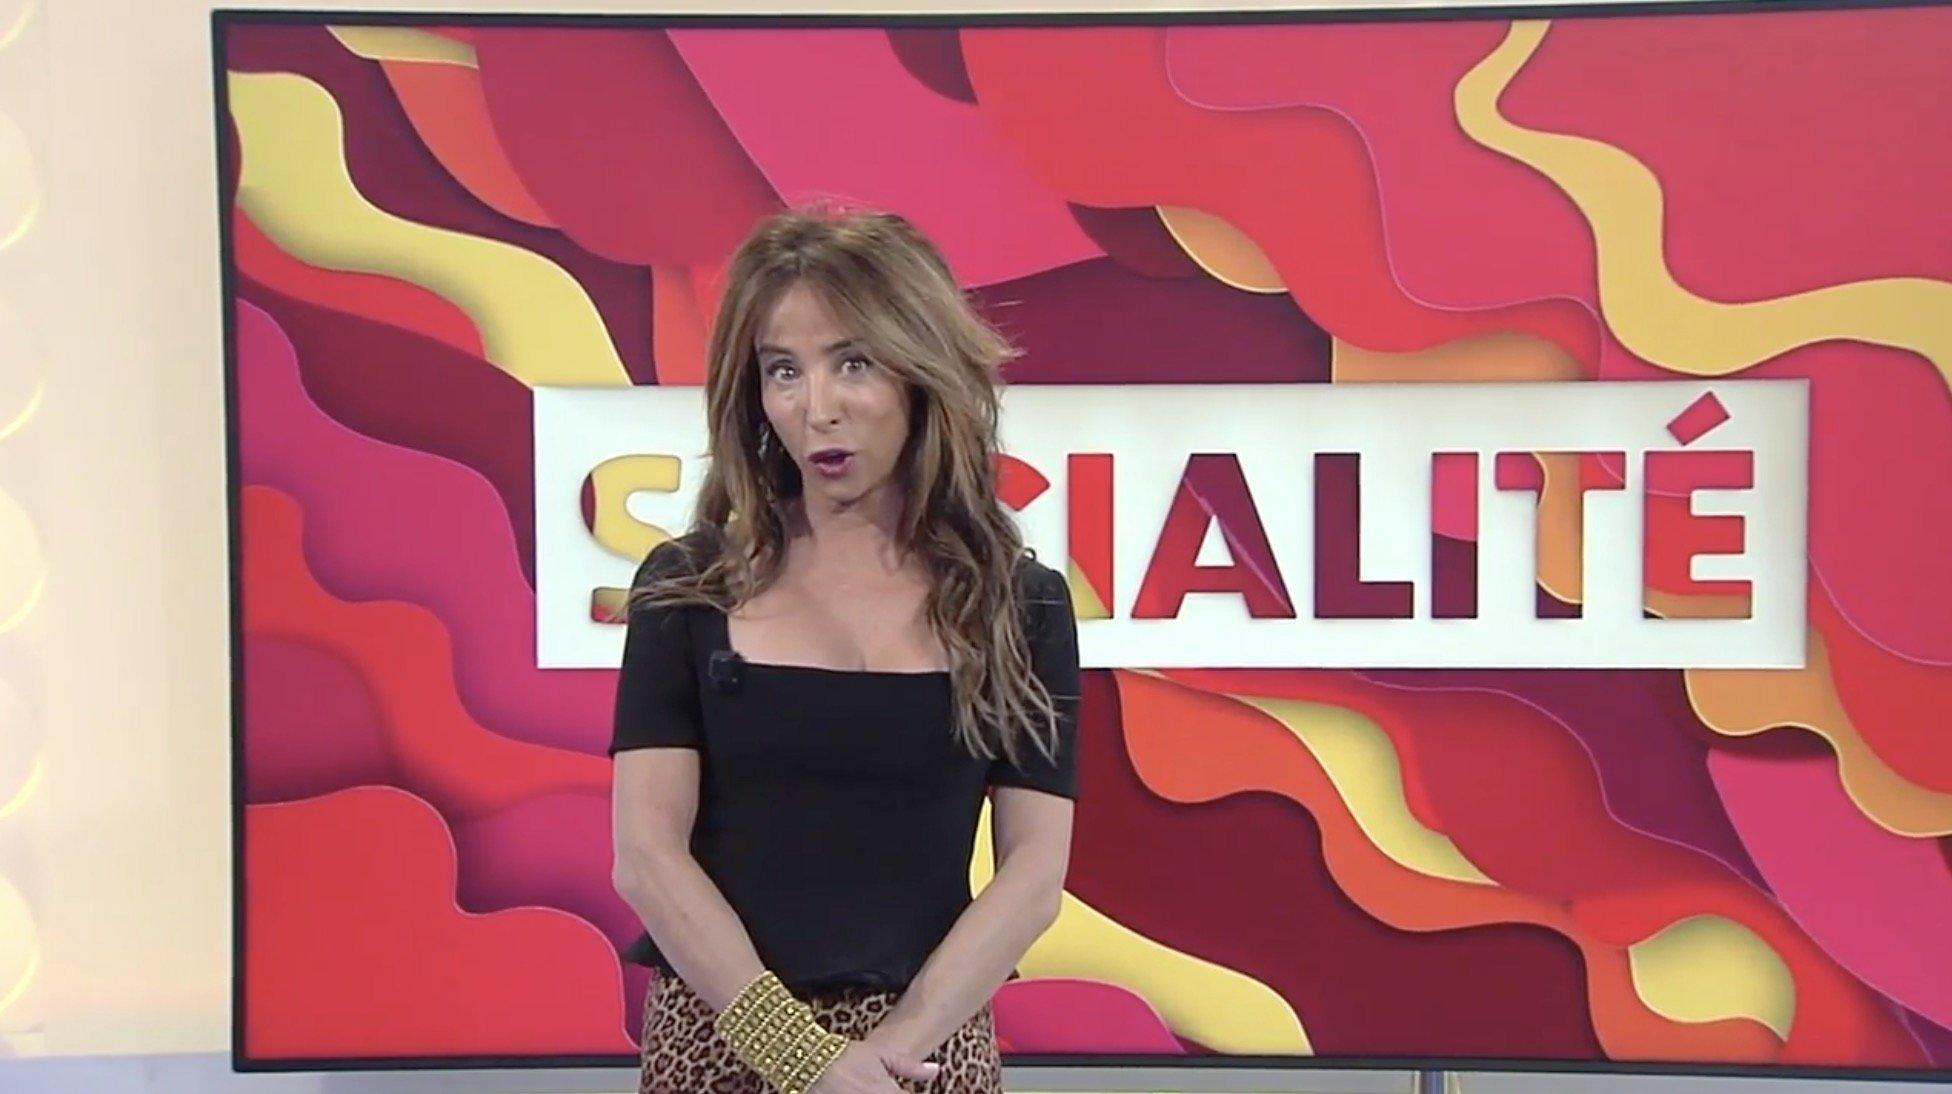 El patadón al diccionario de María Patiño en